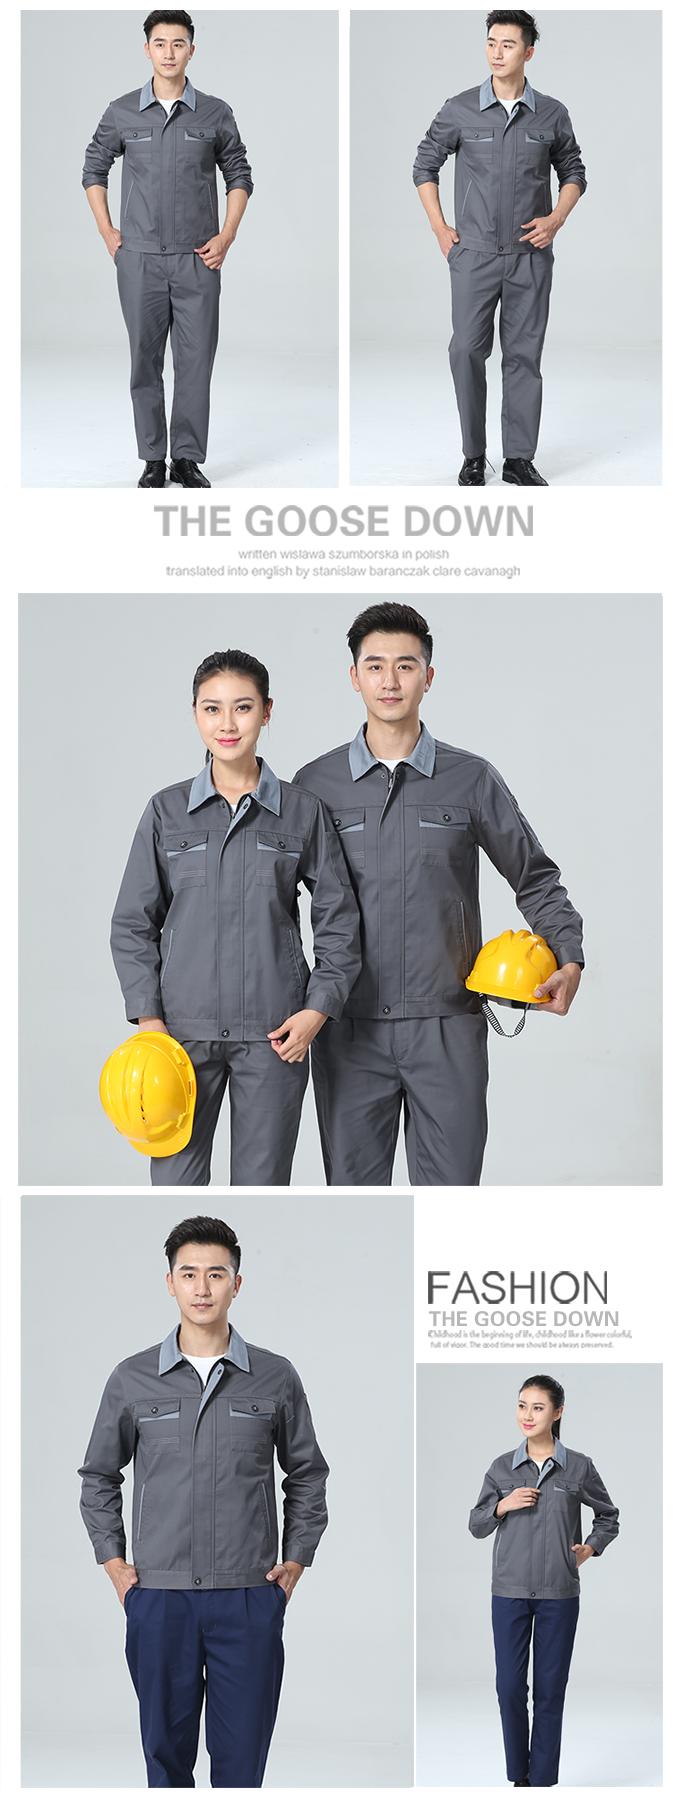 铁灰色模特展示